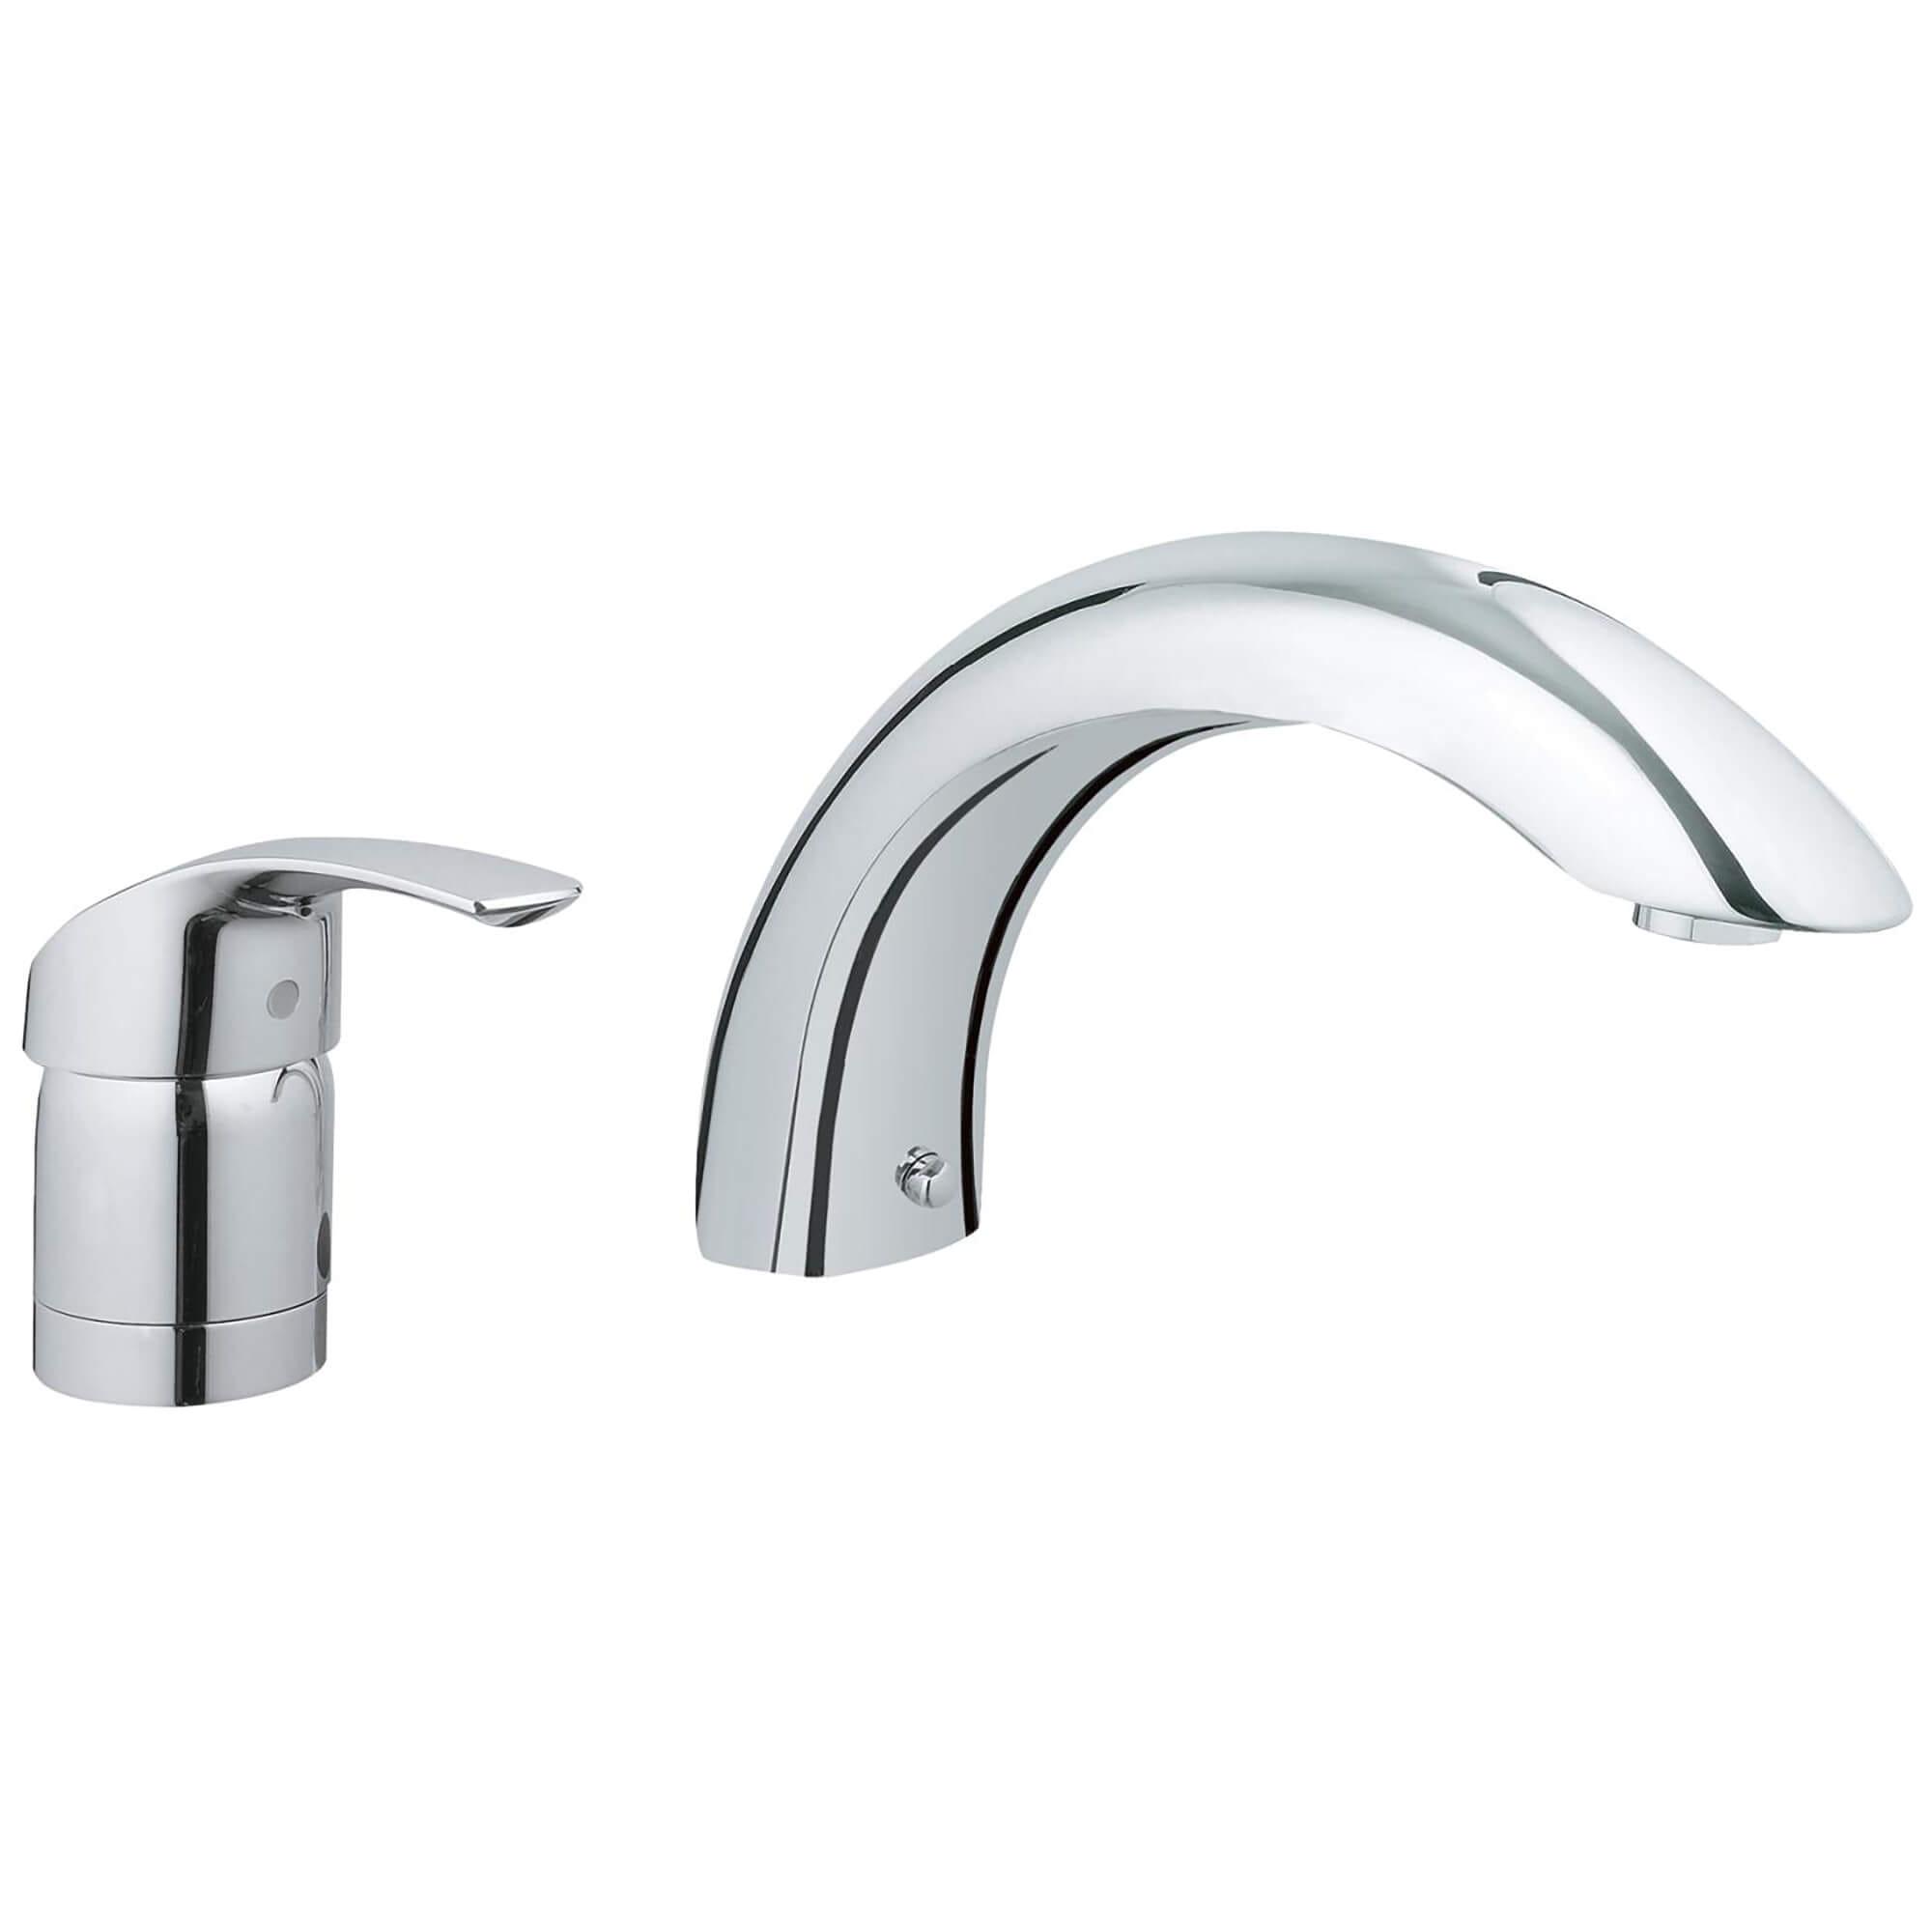 2 Hole Single Handle Deck Mount Roman Tub Faucet